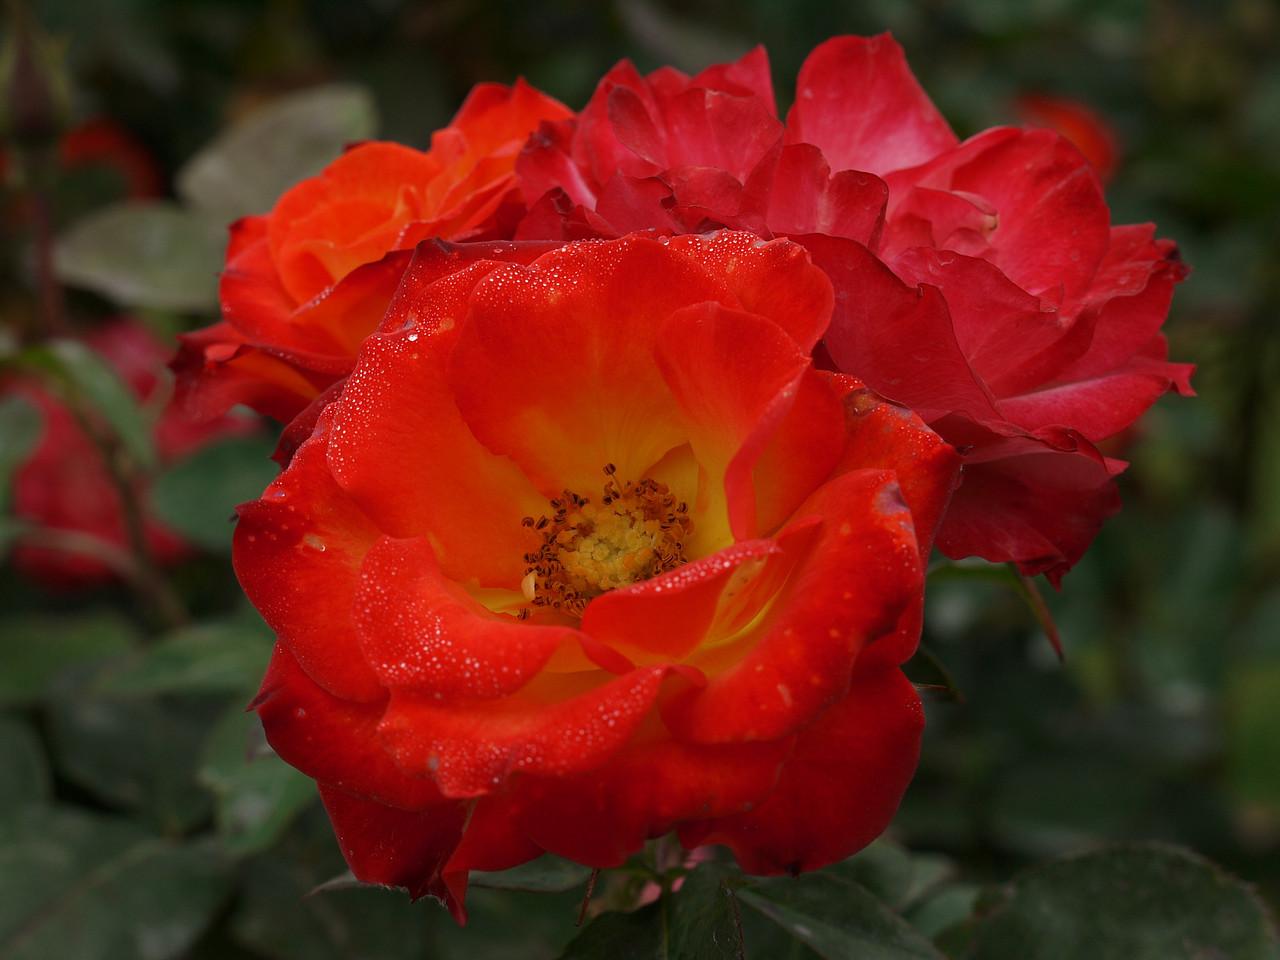 20120419_1119_0059 rose